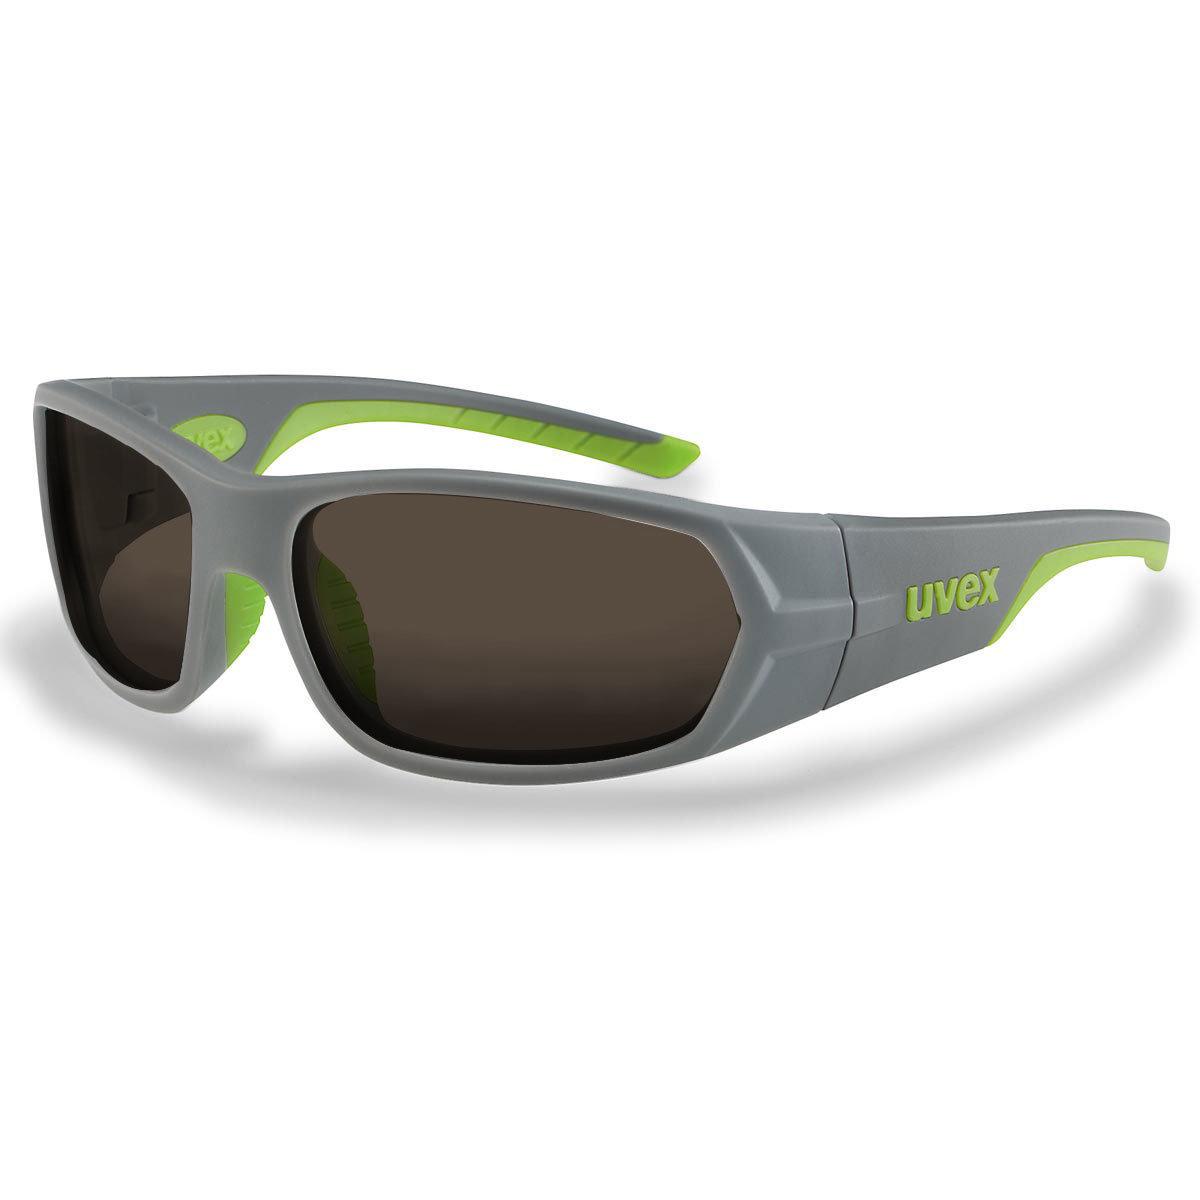 Uvex Korrektionsschutzbrille RX sp 5513 - braun getönt